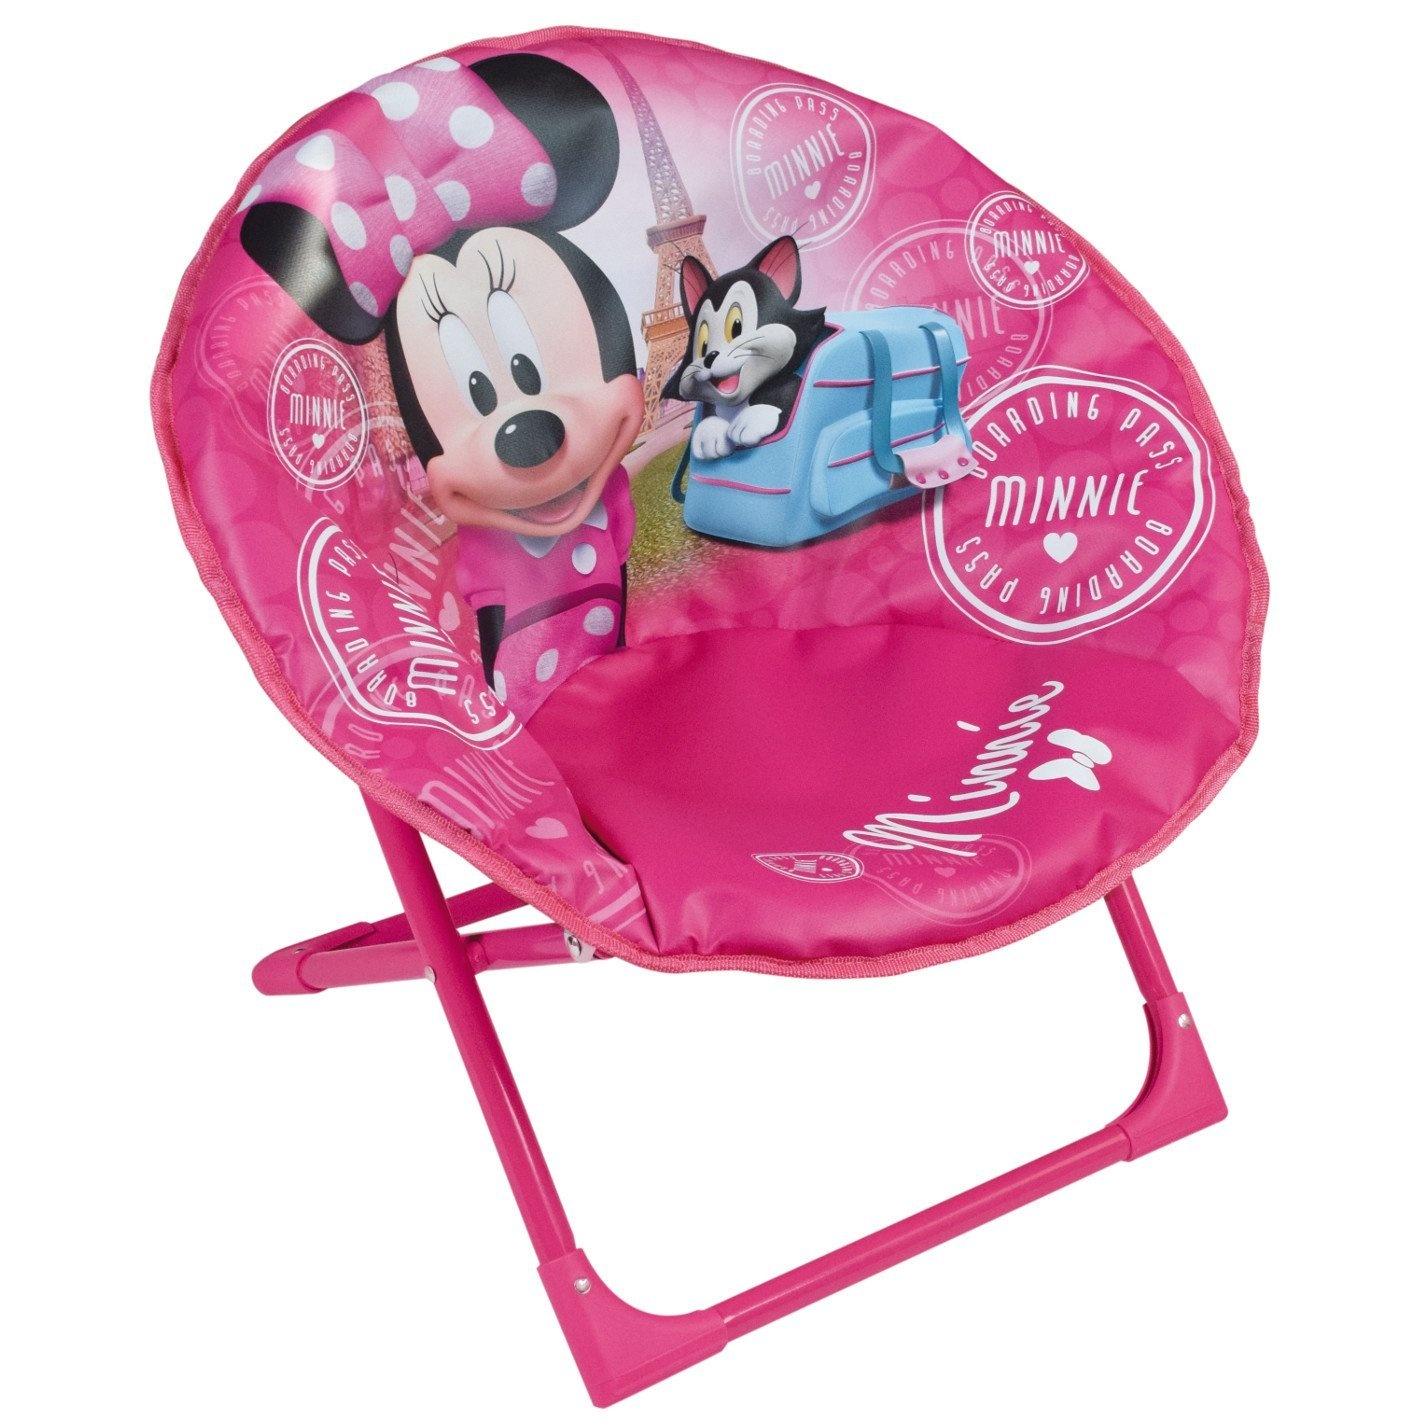 Minnie Mouse Stoel.Minnie Mouse Stoel Meisjes Roze 53 X 56 X 43 Cm